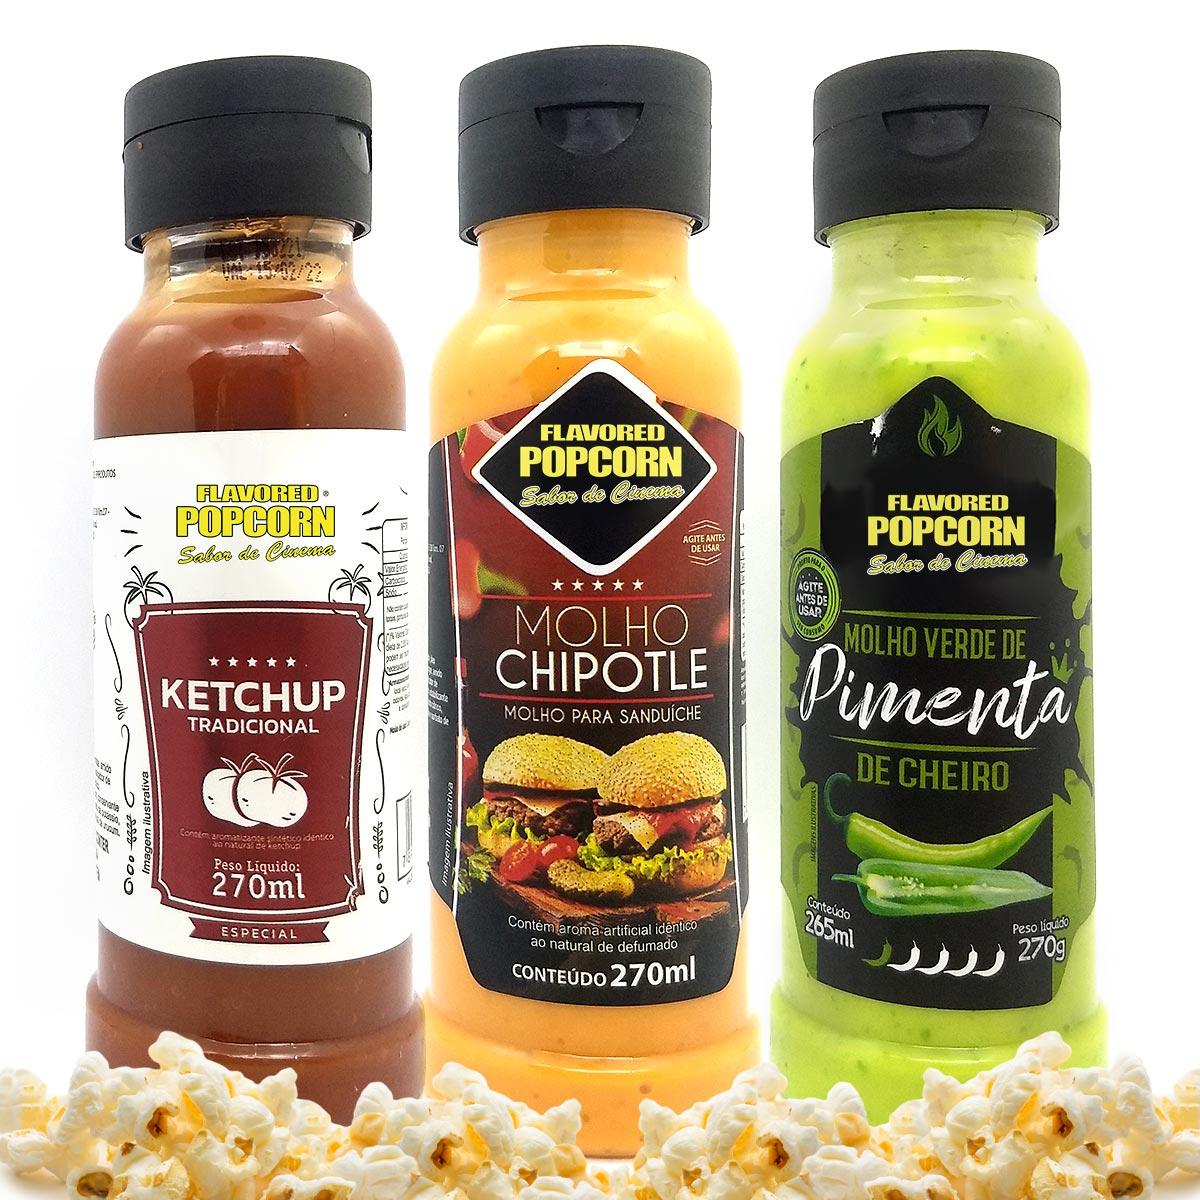 Combo 3 Sabores de Molhos: Chipotle, Ketchup e Molho Verde de Pimenta de Cheiro